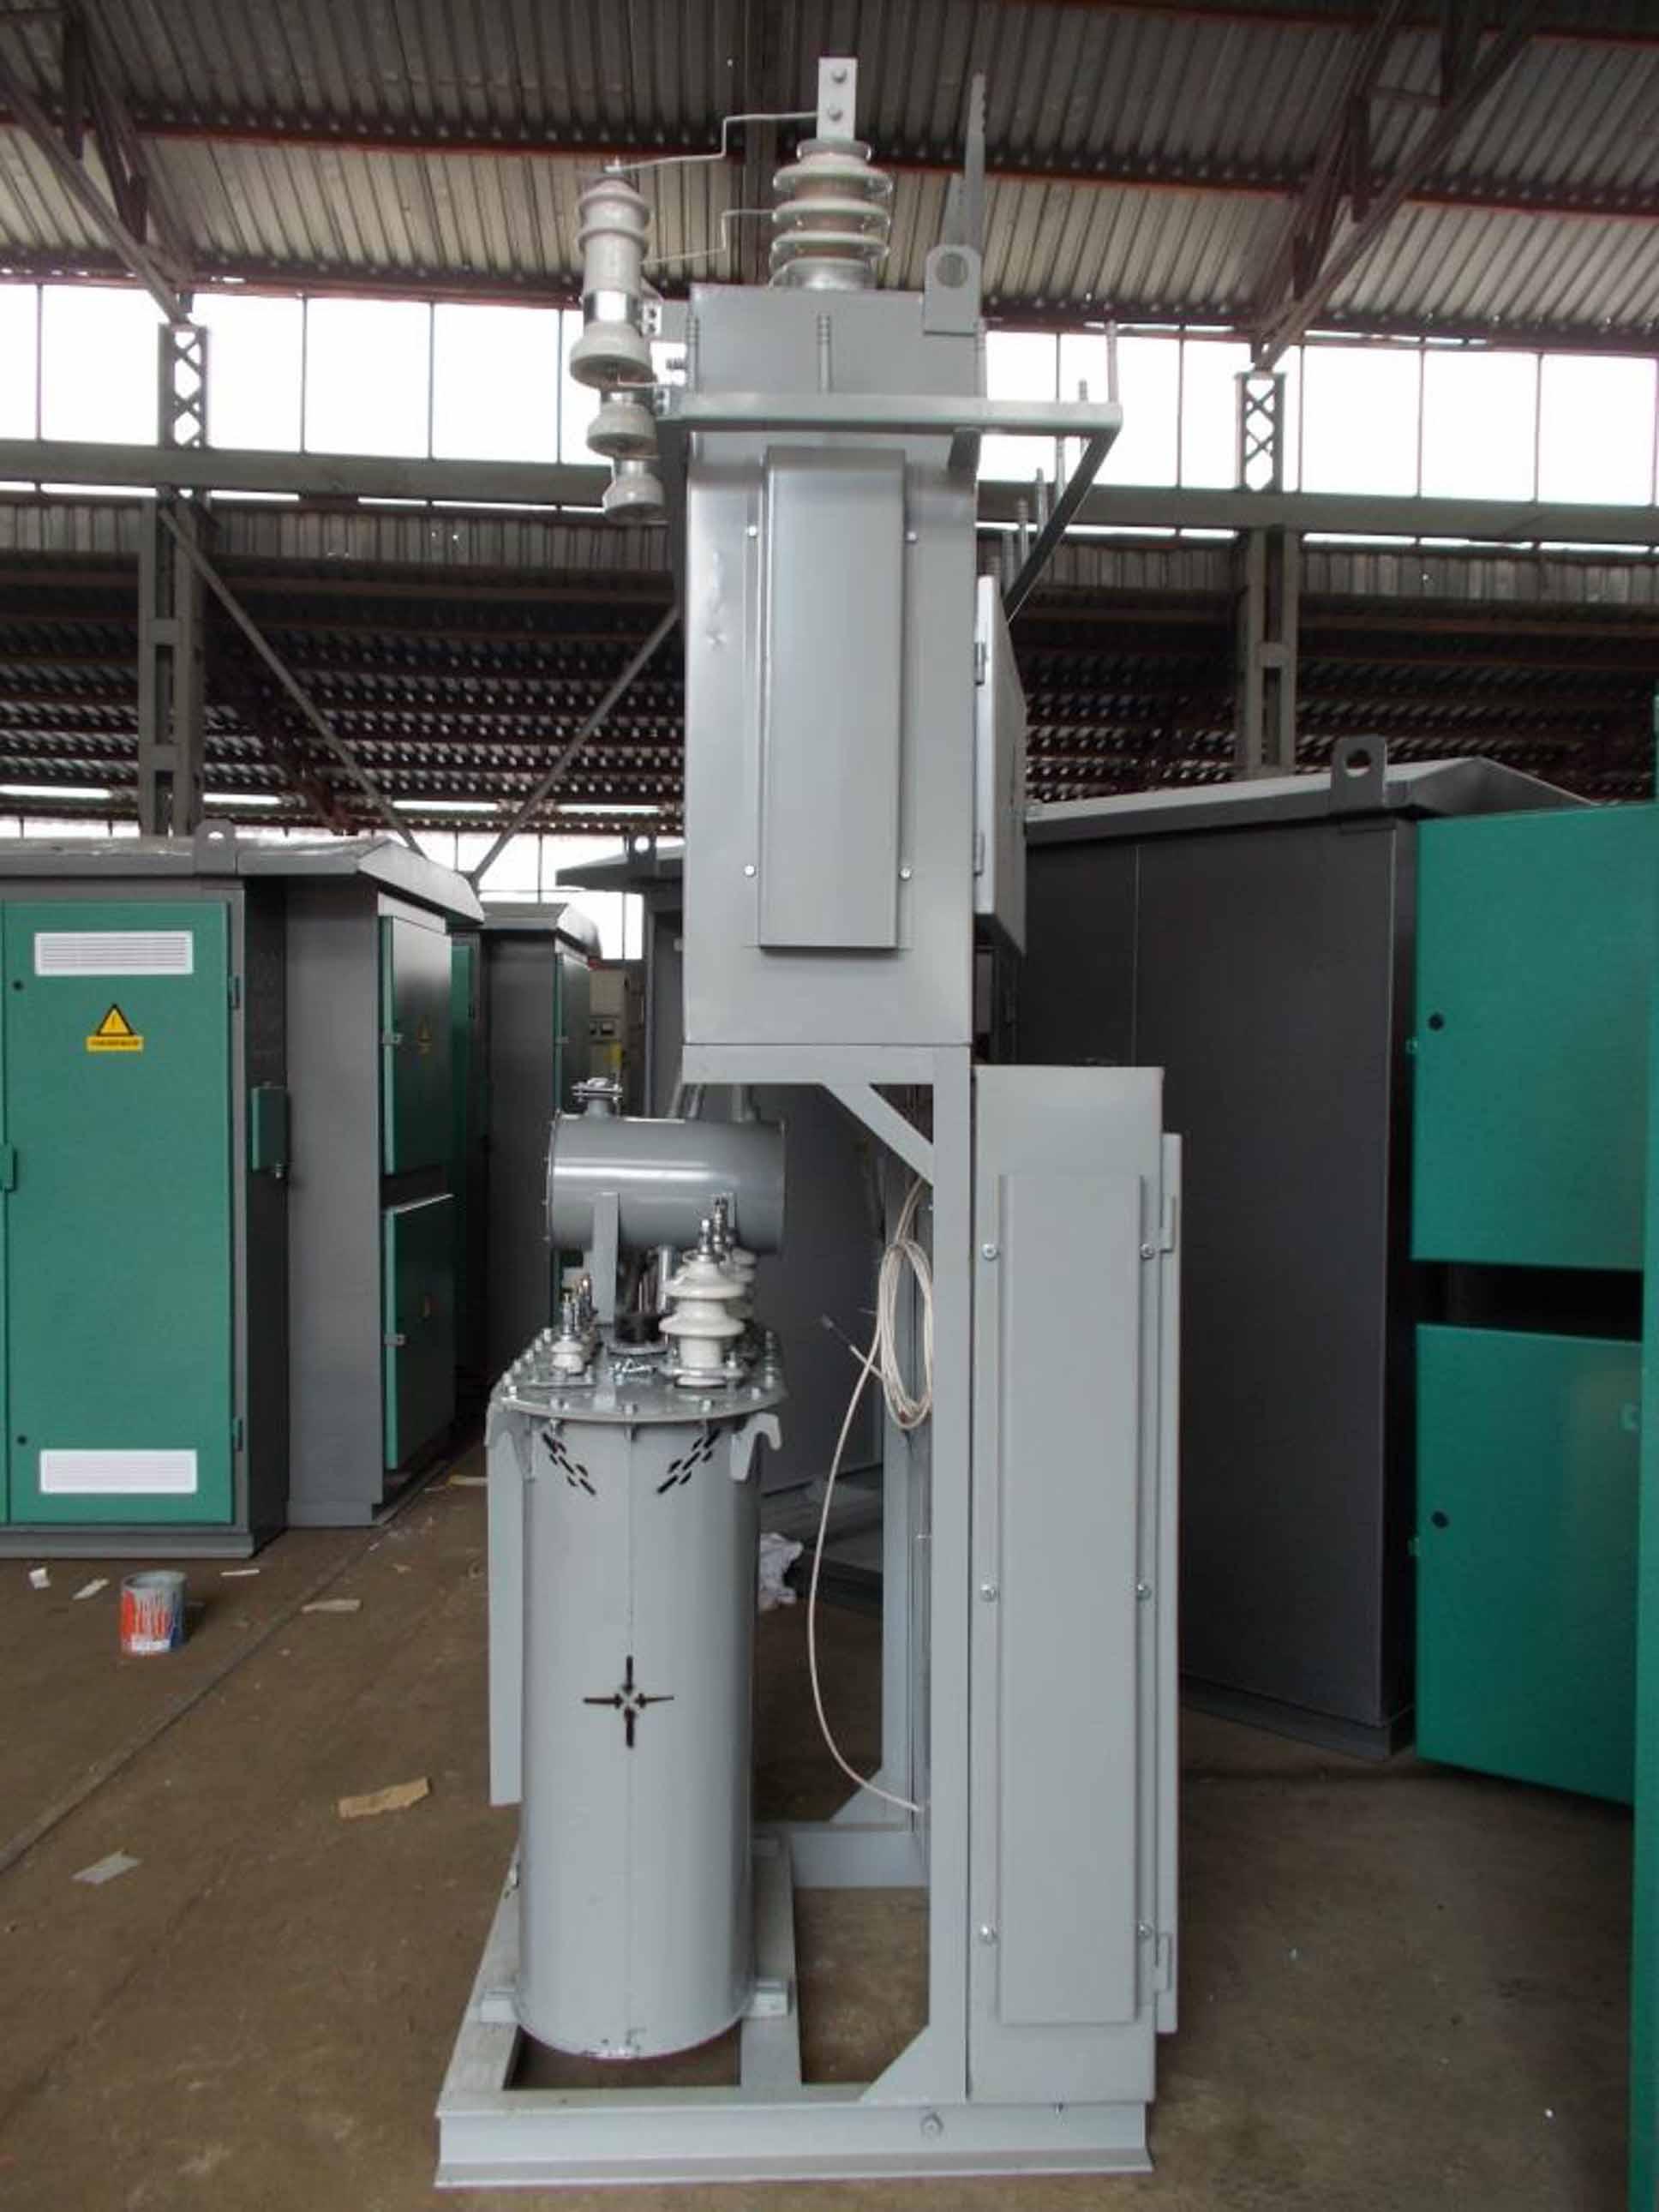 Підстанції трансформаторні комплектні КТПМ 25-250/10(6)/0,4 кВА. фото 3